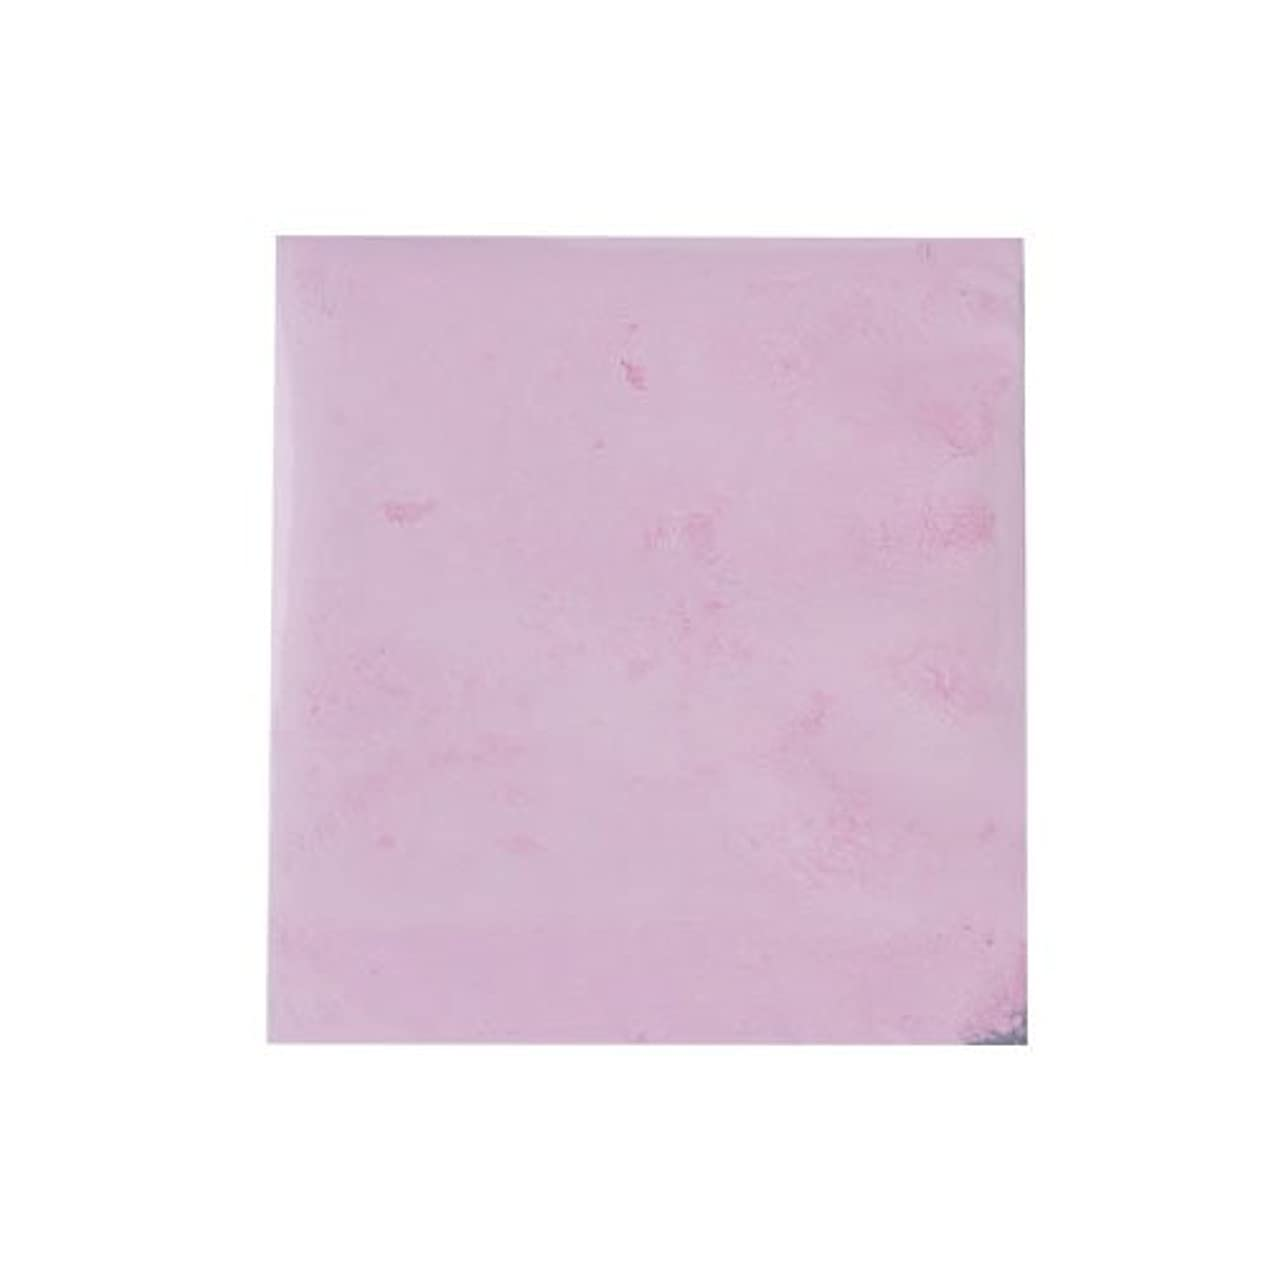 おじさん突き出す周術期ピカエース ネイル用パウダー カラーパウダー 着色顔料 #724 ローズピンク 2g